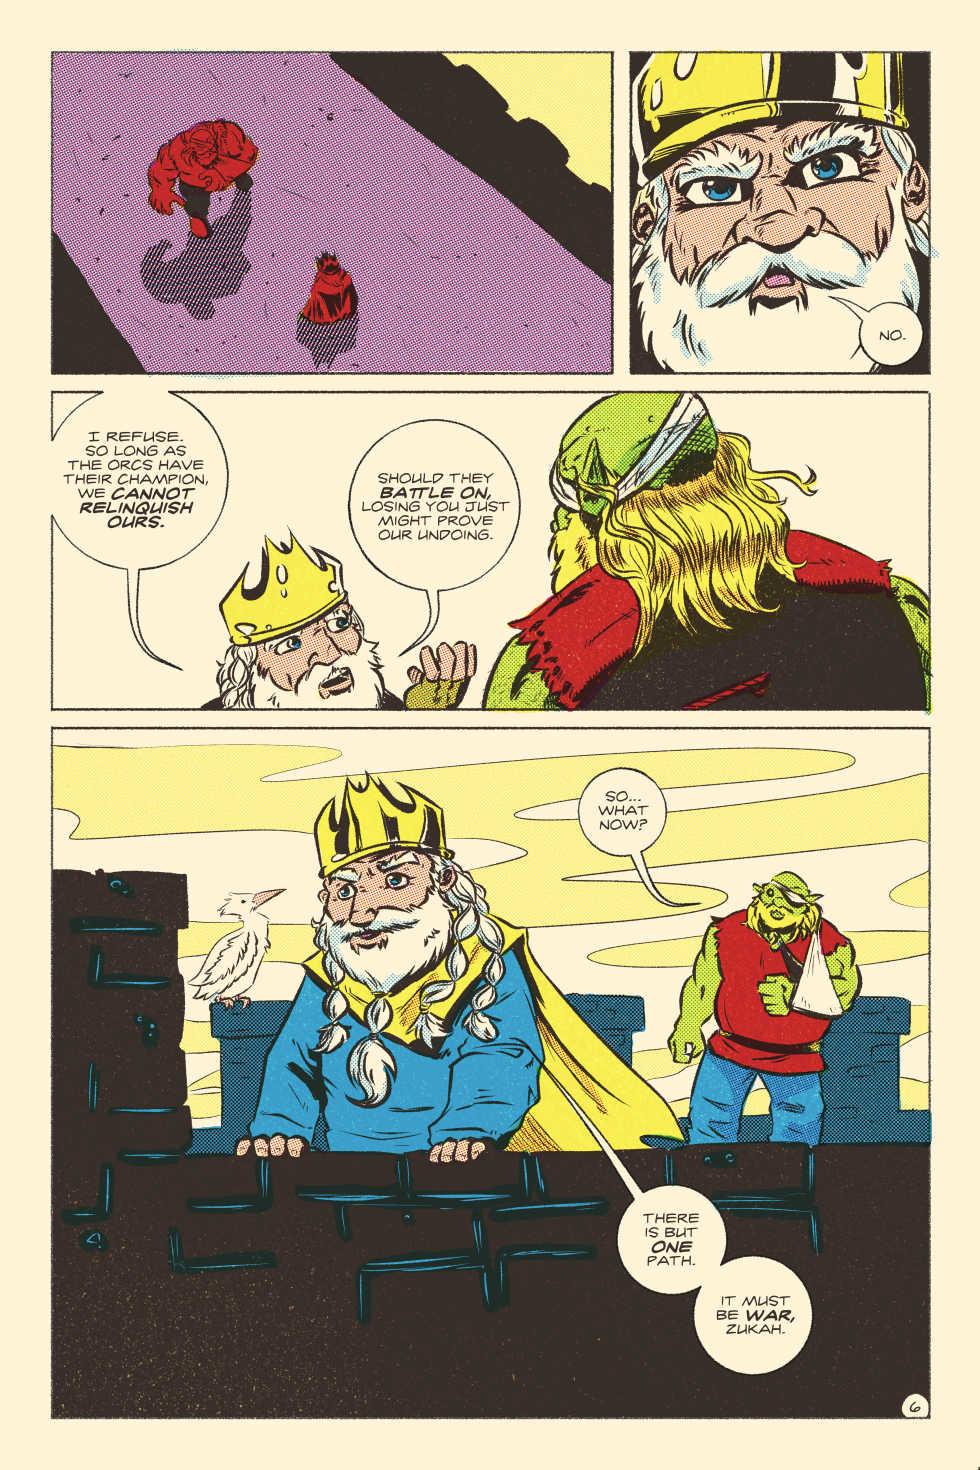 #312 – Royal Rebuttal